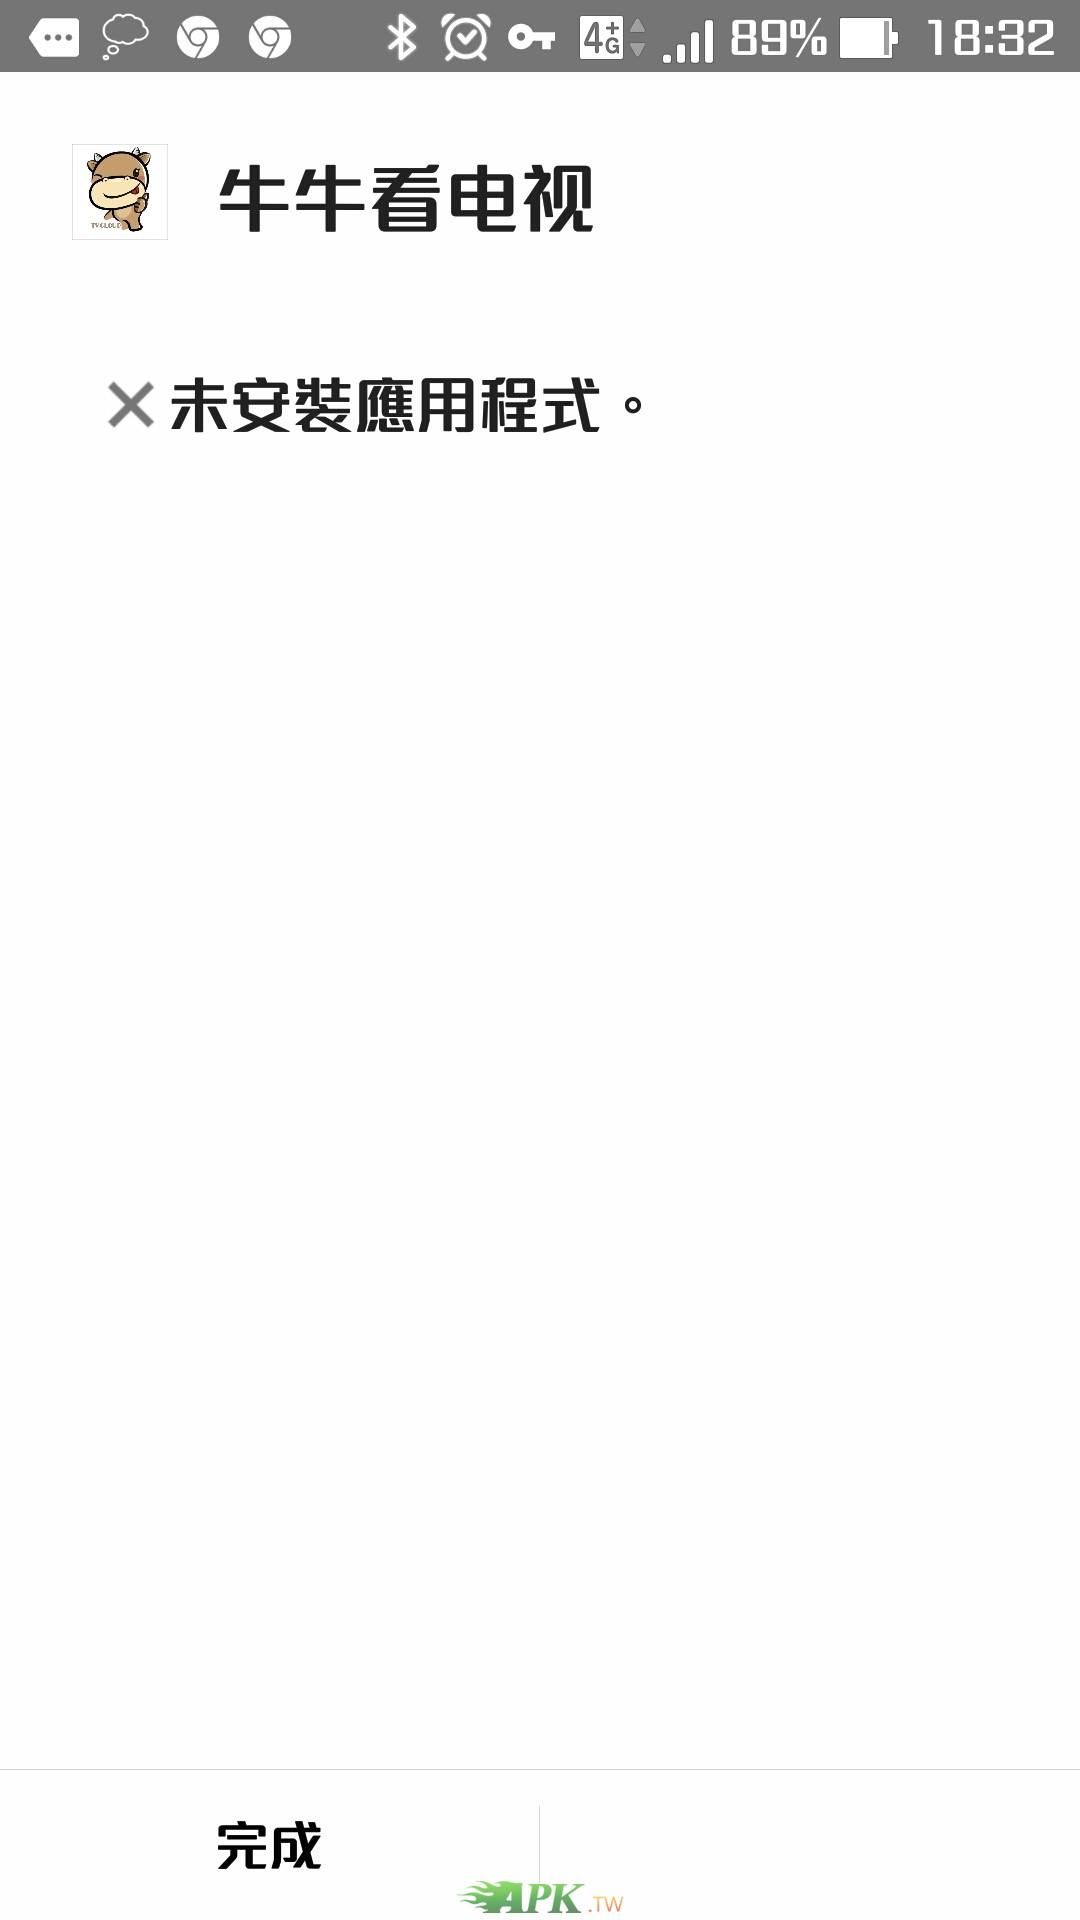 Screenshot_20180615-183211.jpg